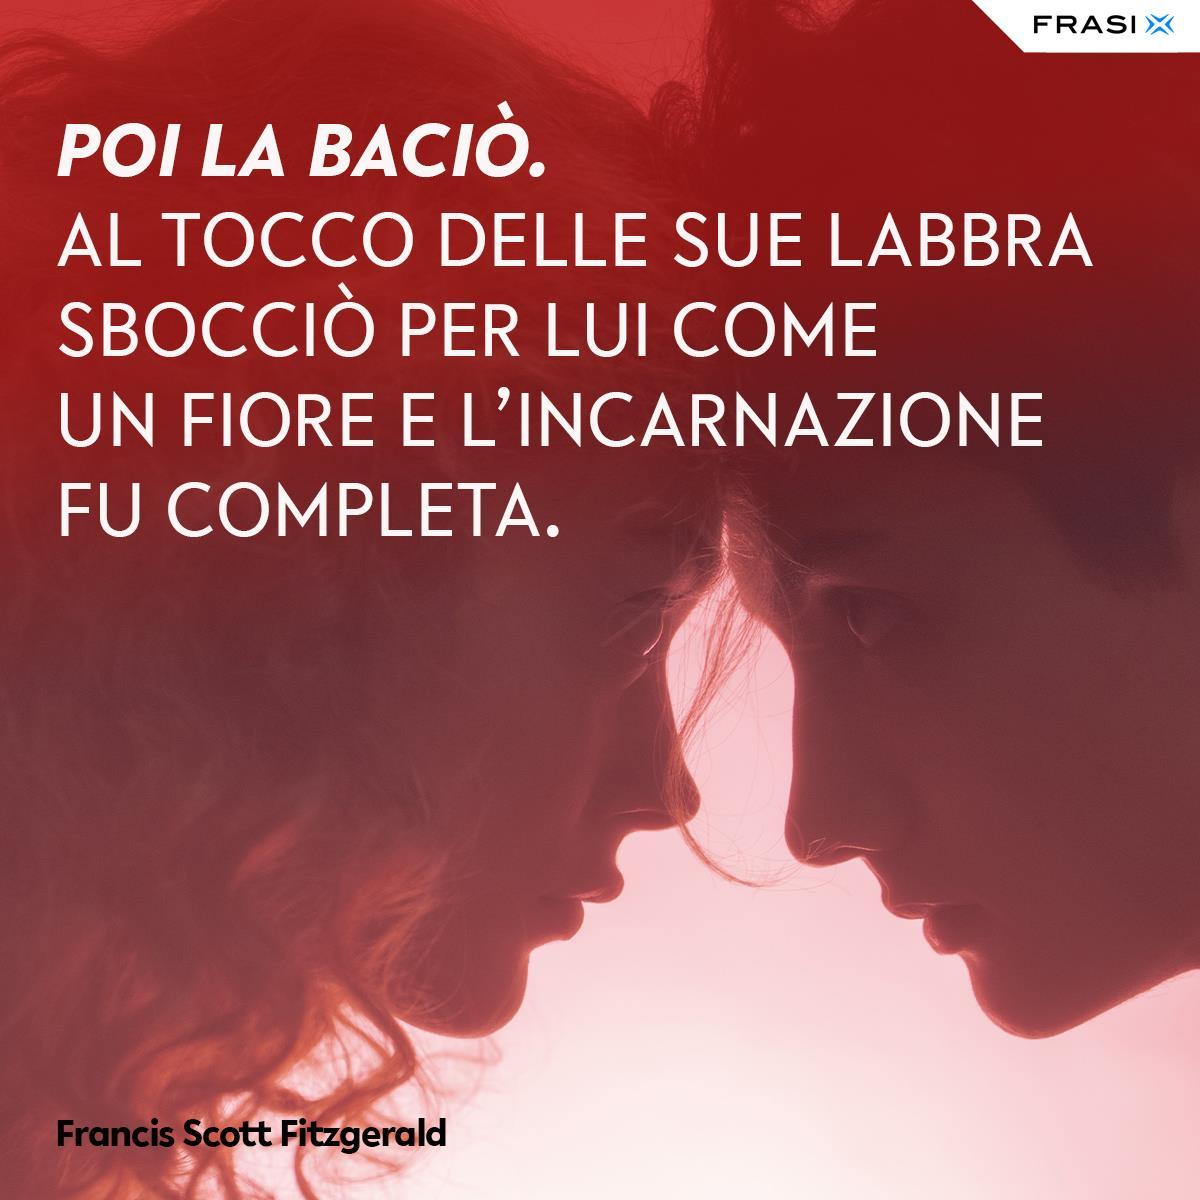 Frasi sul bacio appassionato Francis Scott Fitzgerald